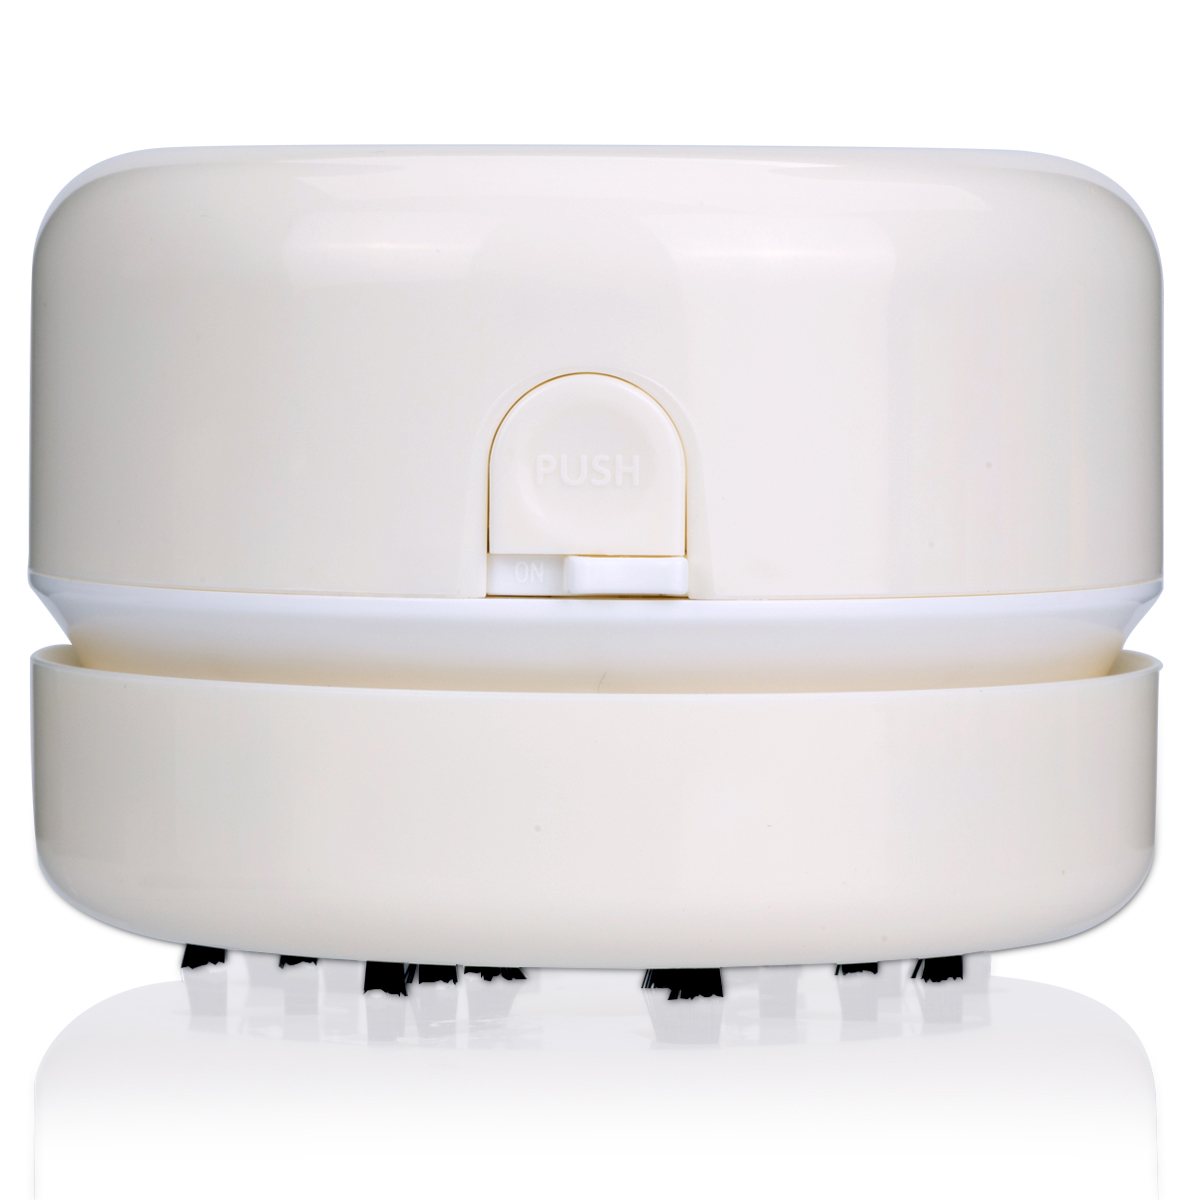 得力桌面清洁器迷你吸尘器键盘橡皮屑清理器ag111.ap|开户无线净化器吸纸器